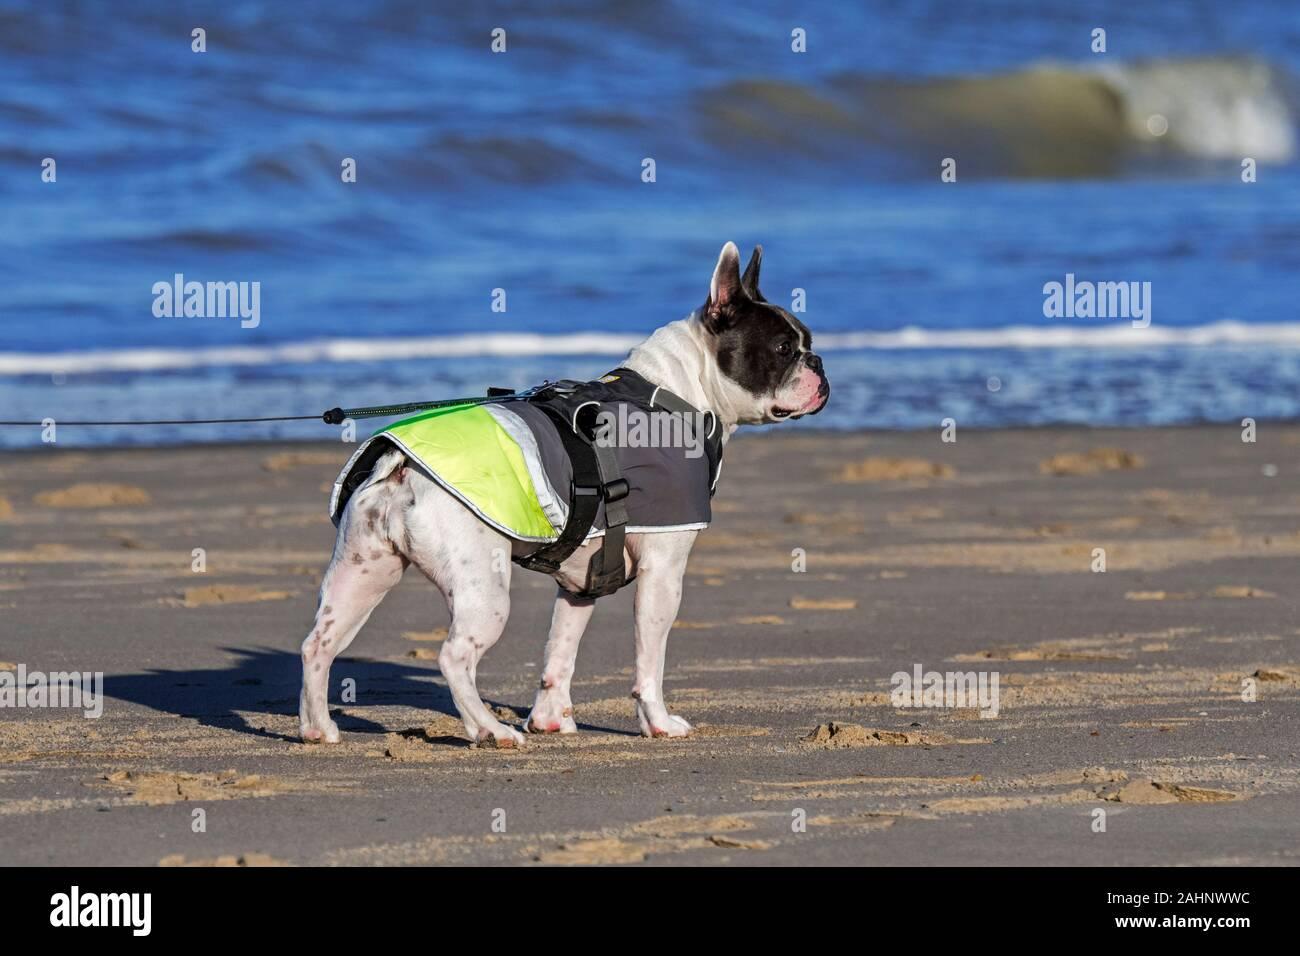 Bulldogge Geschirr Stockfotos Und Bilder Kaufen Alamy